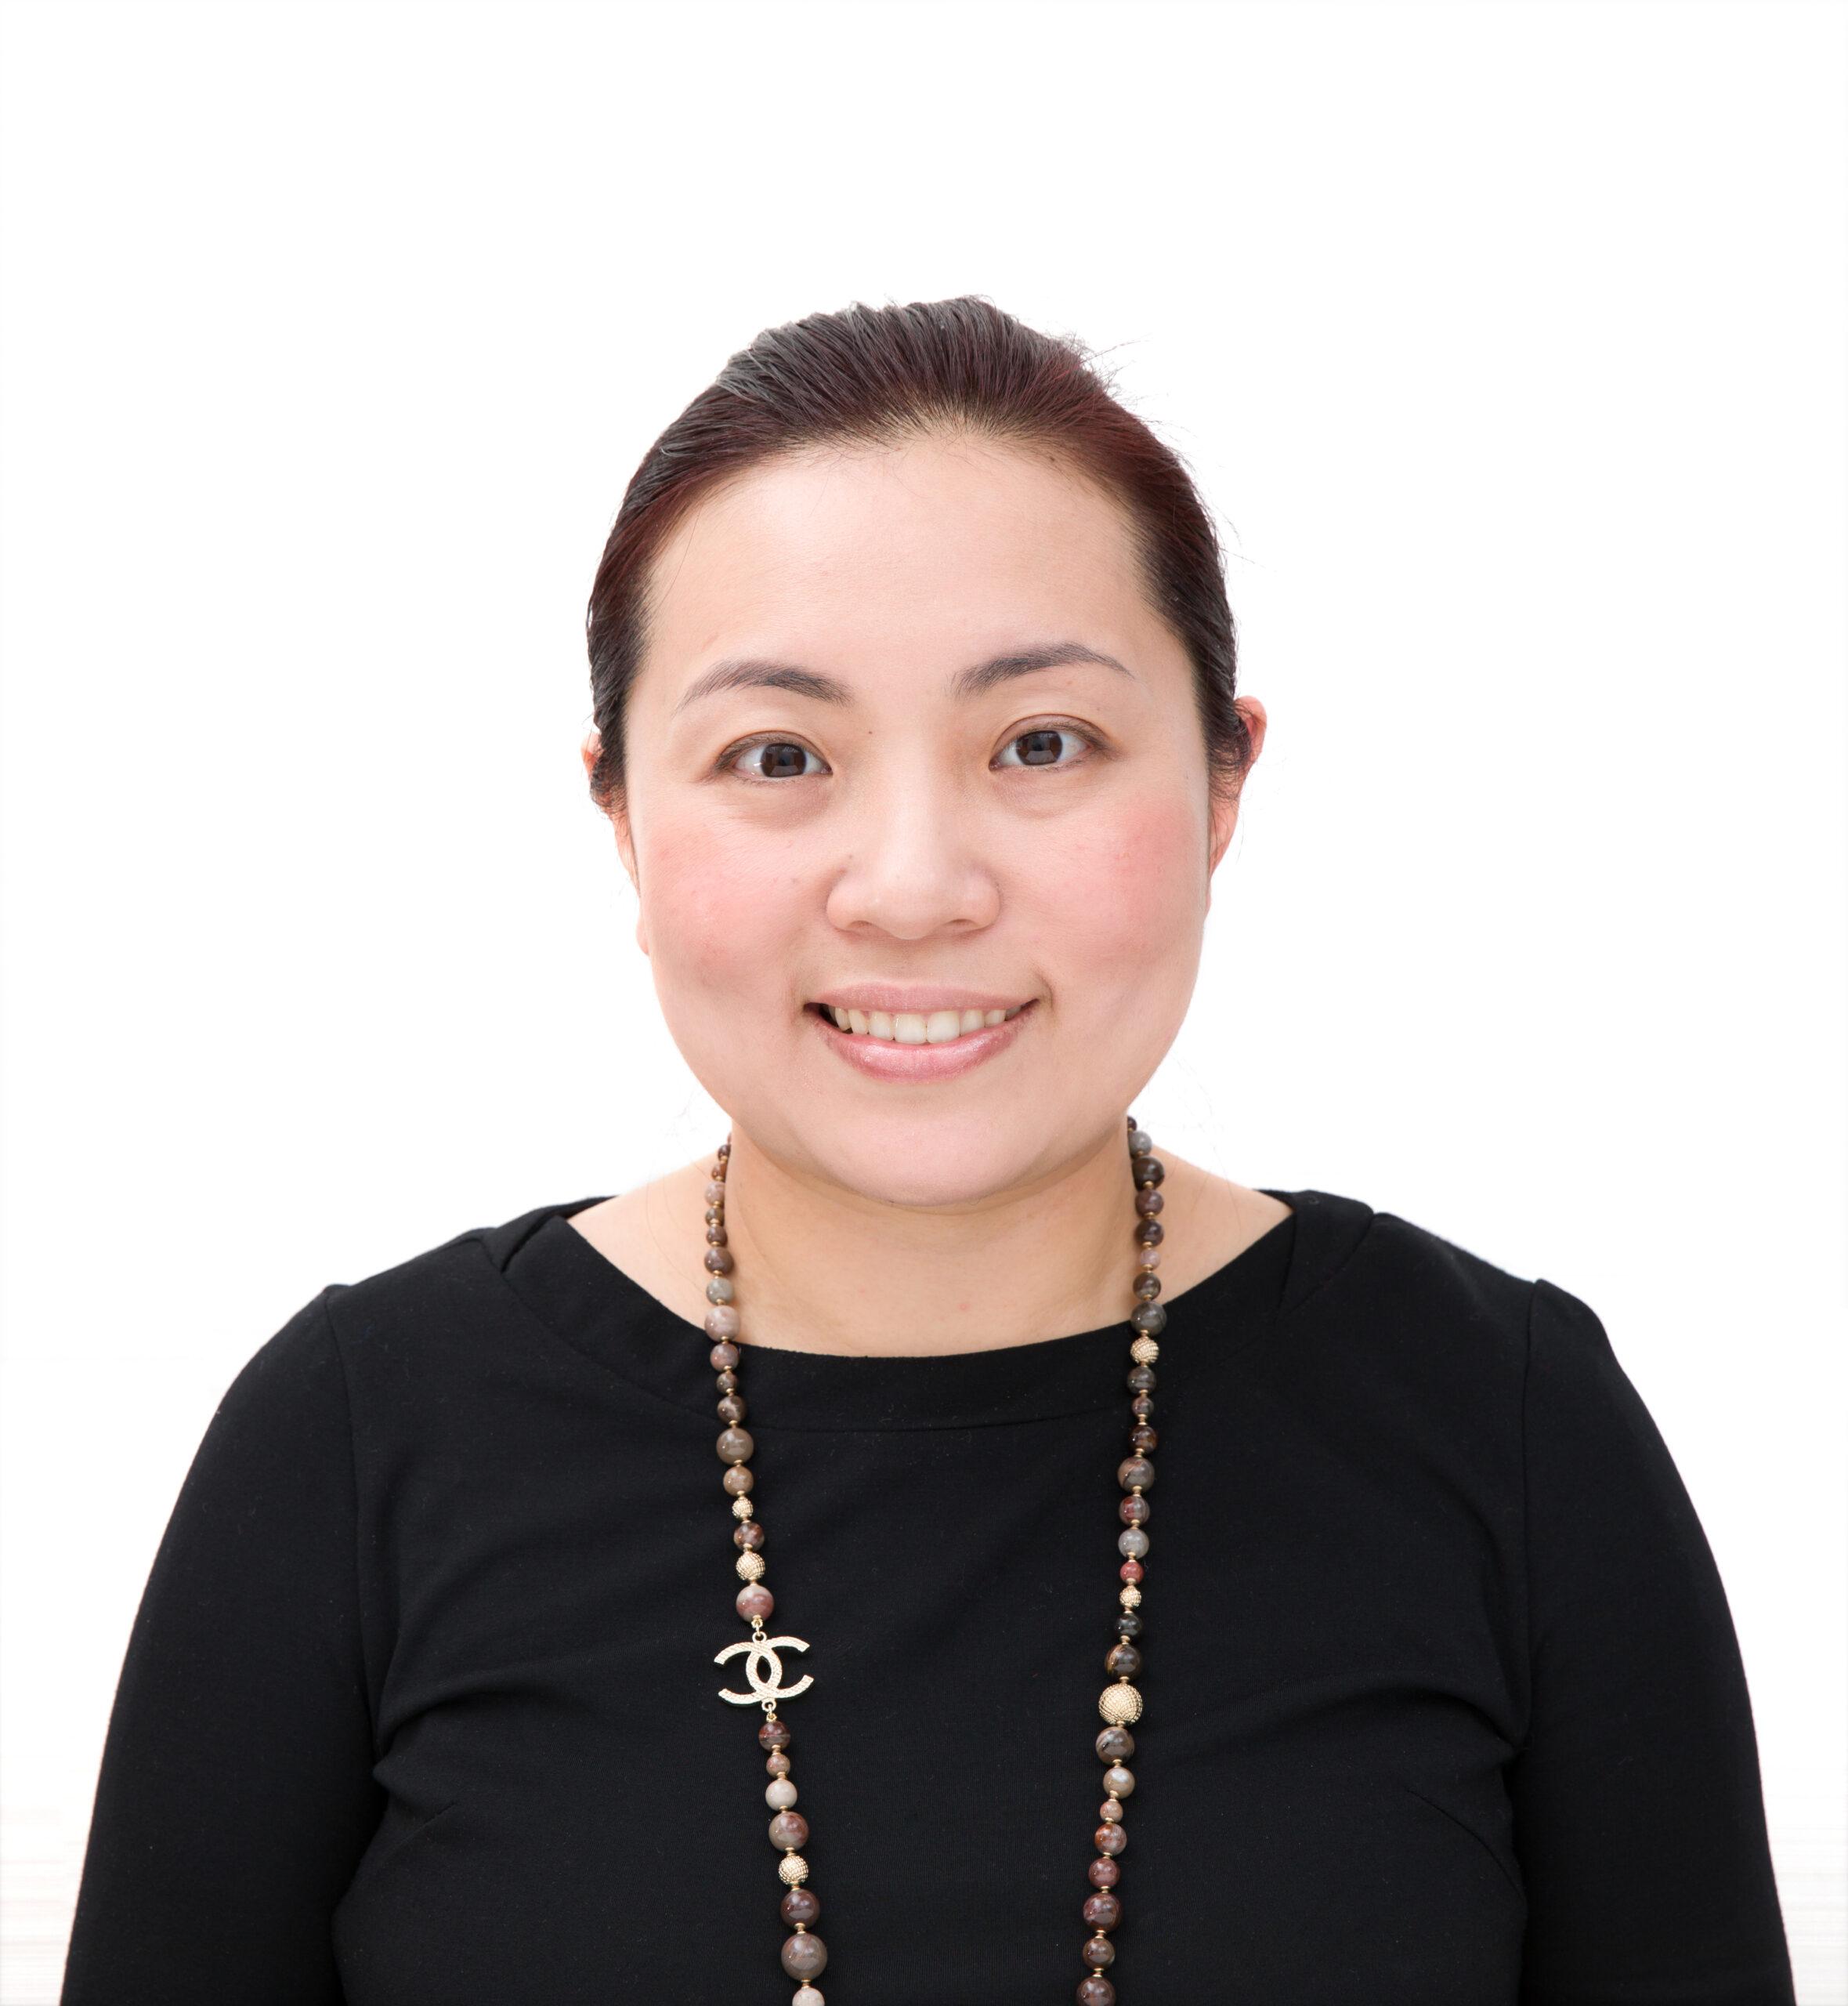 2020 A-Players Coach Photo – Mandy Ng